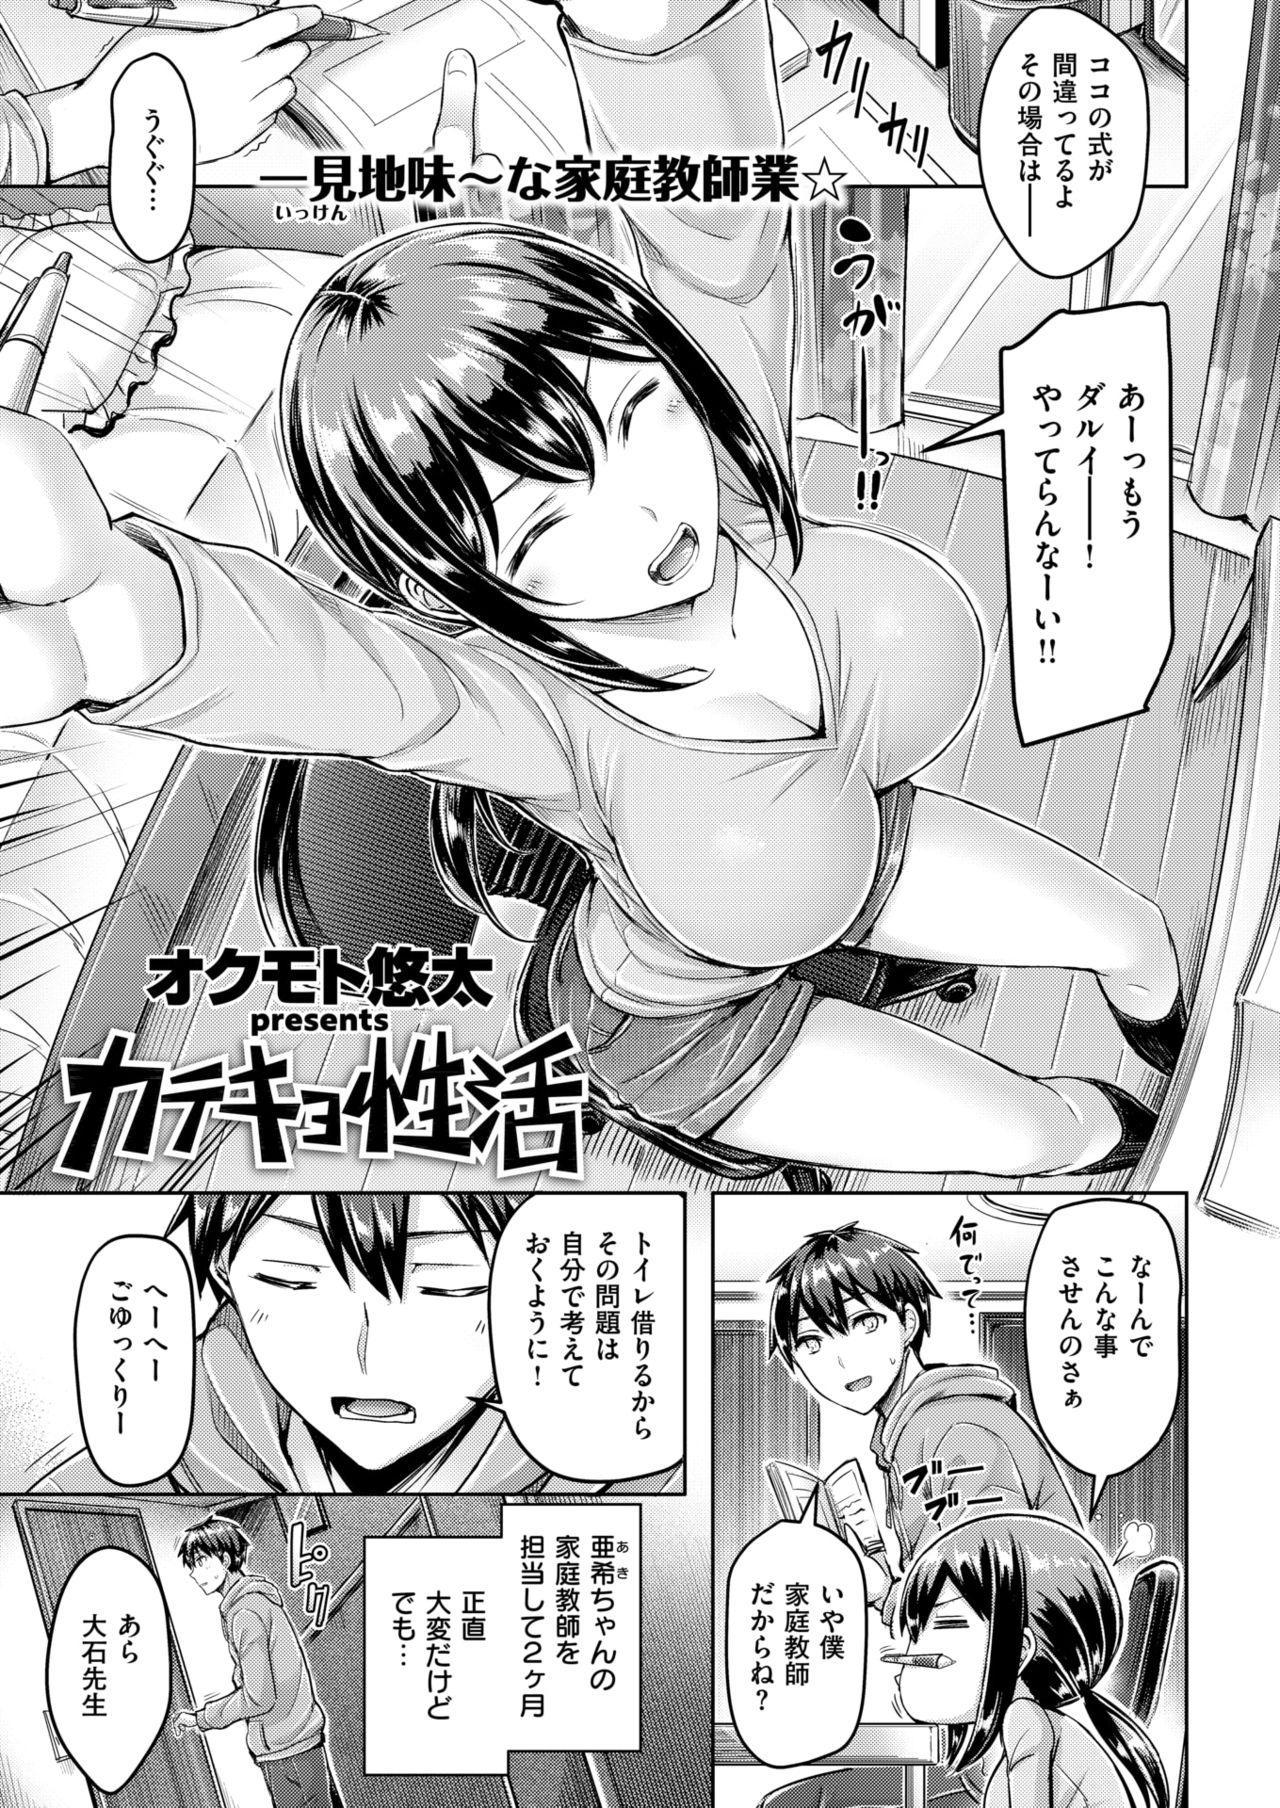 COMIC Kairakuten BEAST 2018-01 19